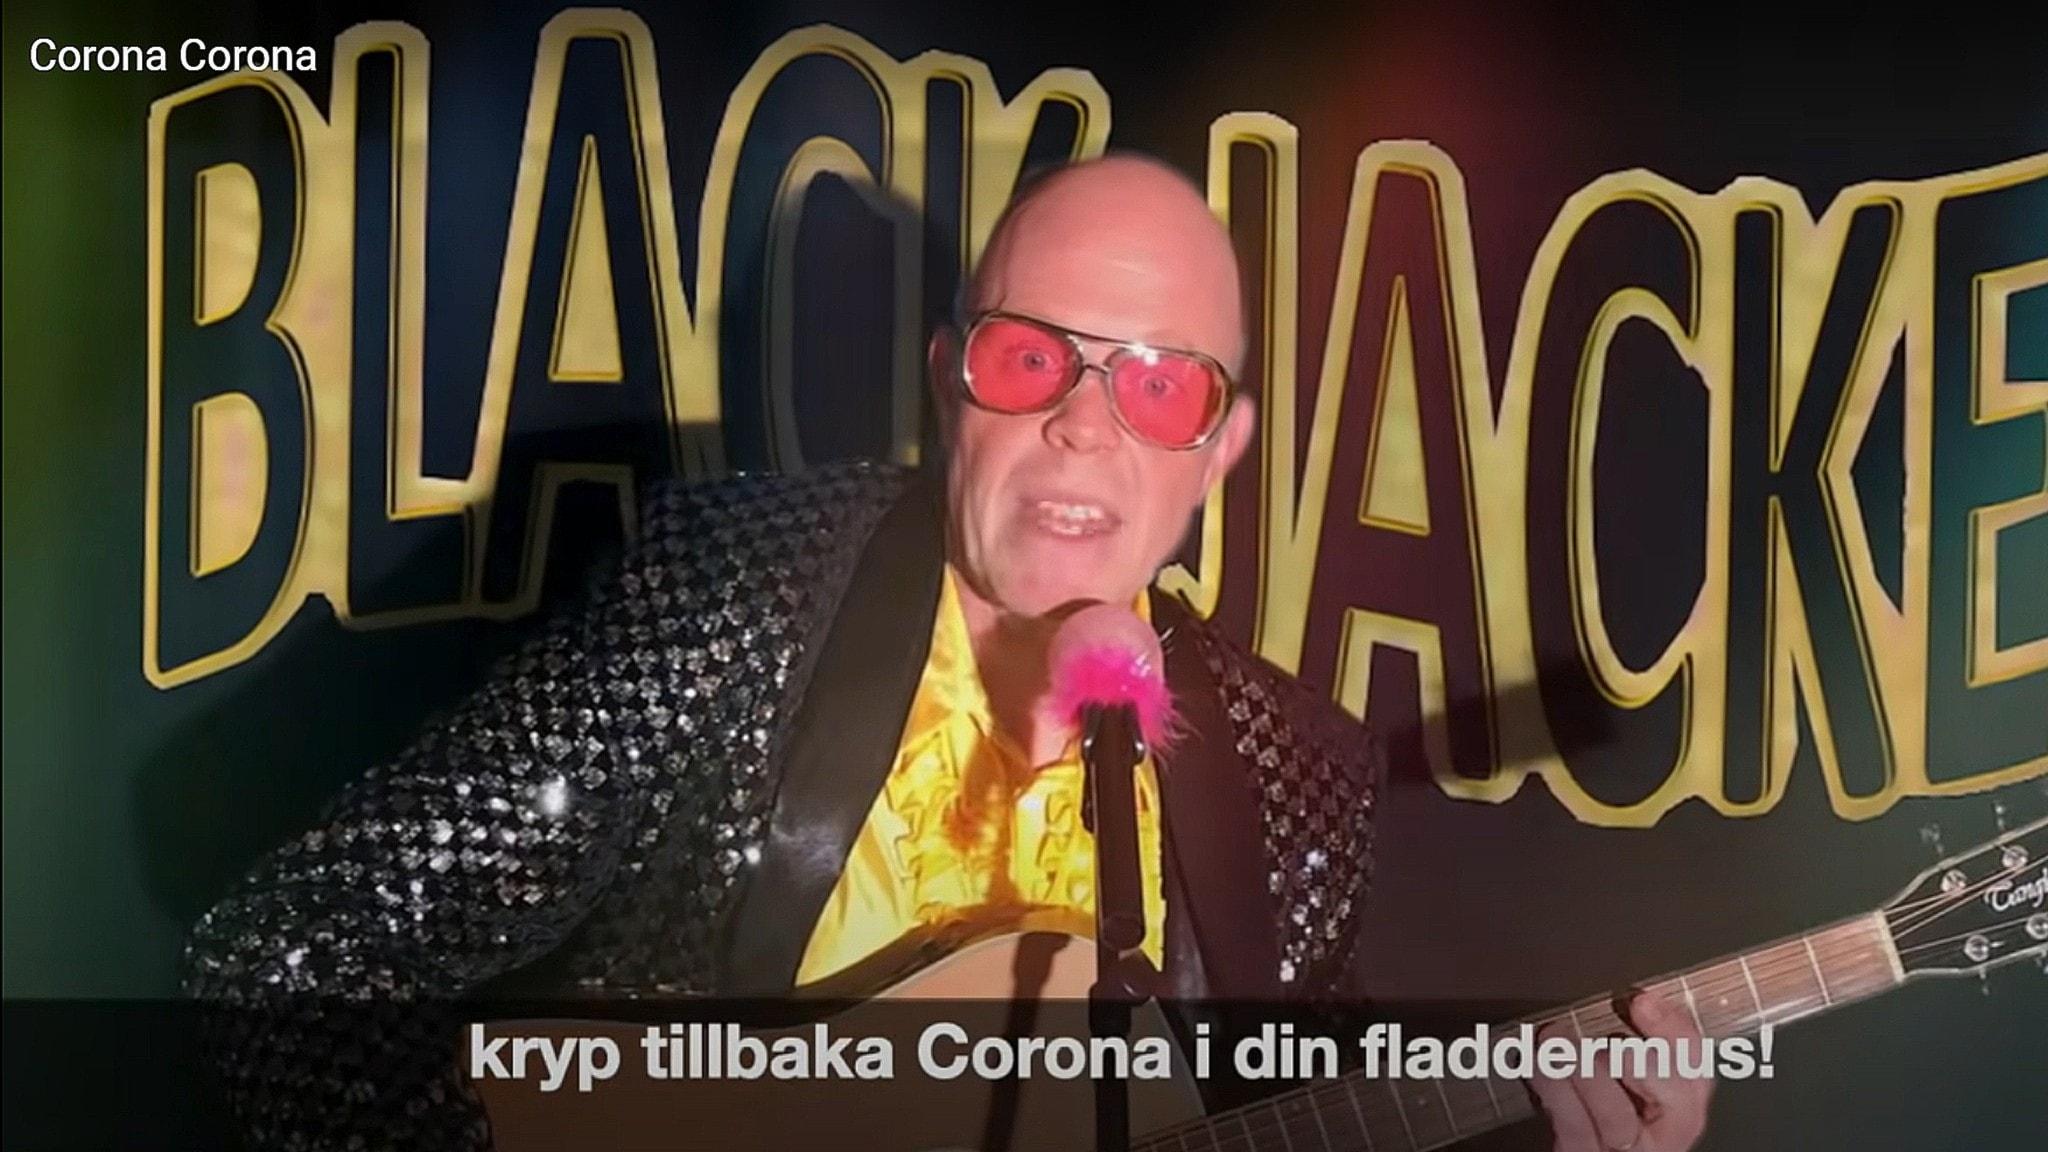 P4 Dokumentär - Skrattet mitt i Coronan